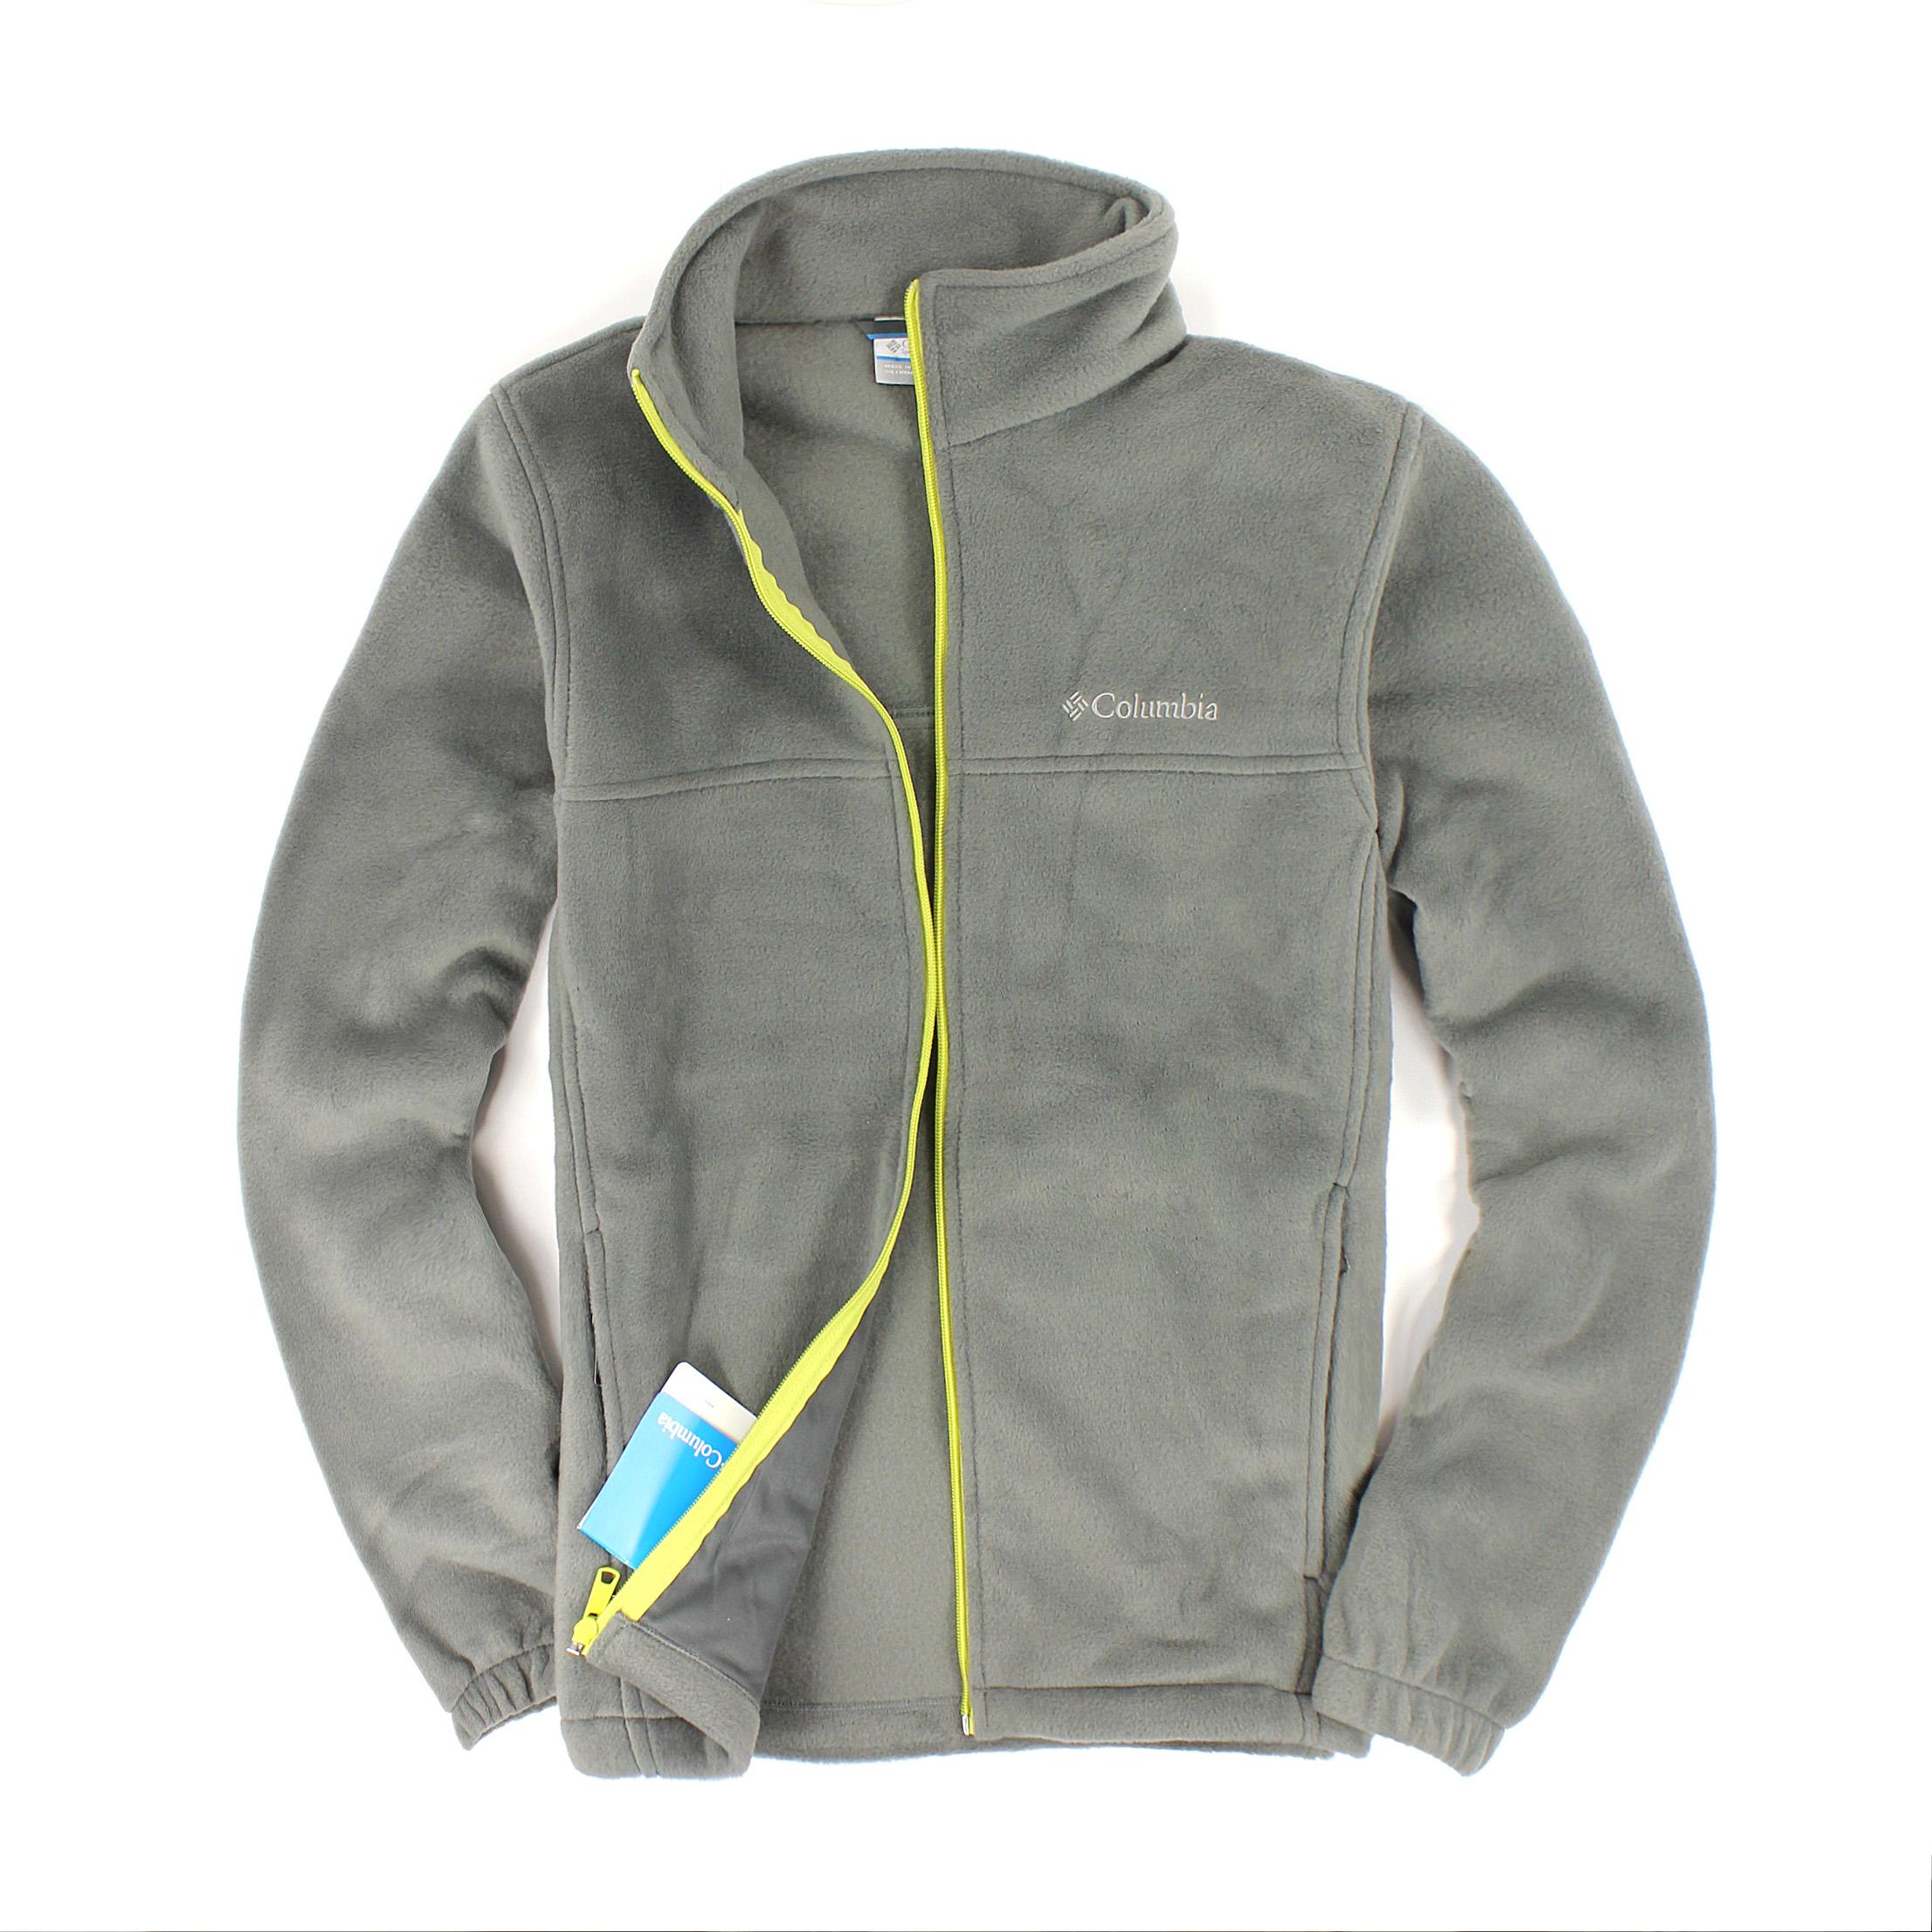 美國百分百【全新真品】Columbia 外套 上衣 夾克 刷毛 哥倫比亞 灰 保暖 立領 棉質 輕巧 男 S號